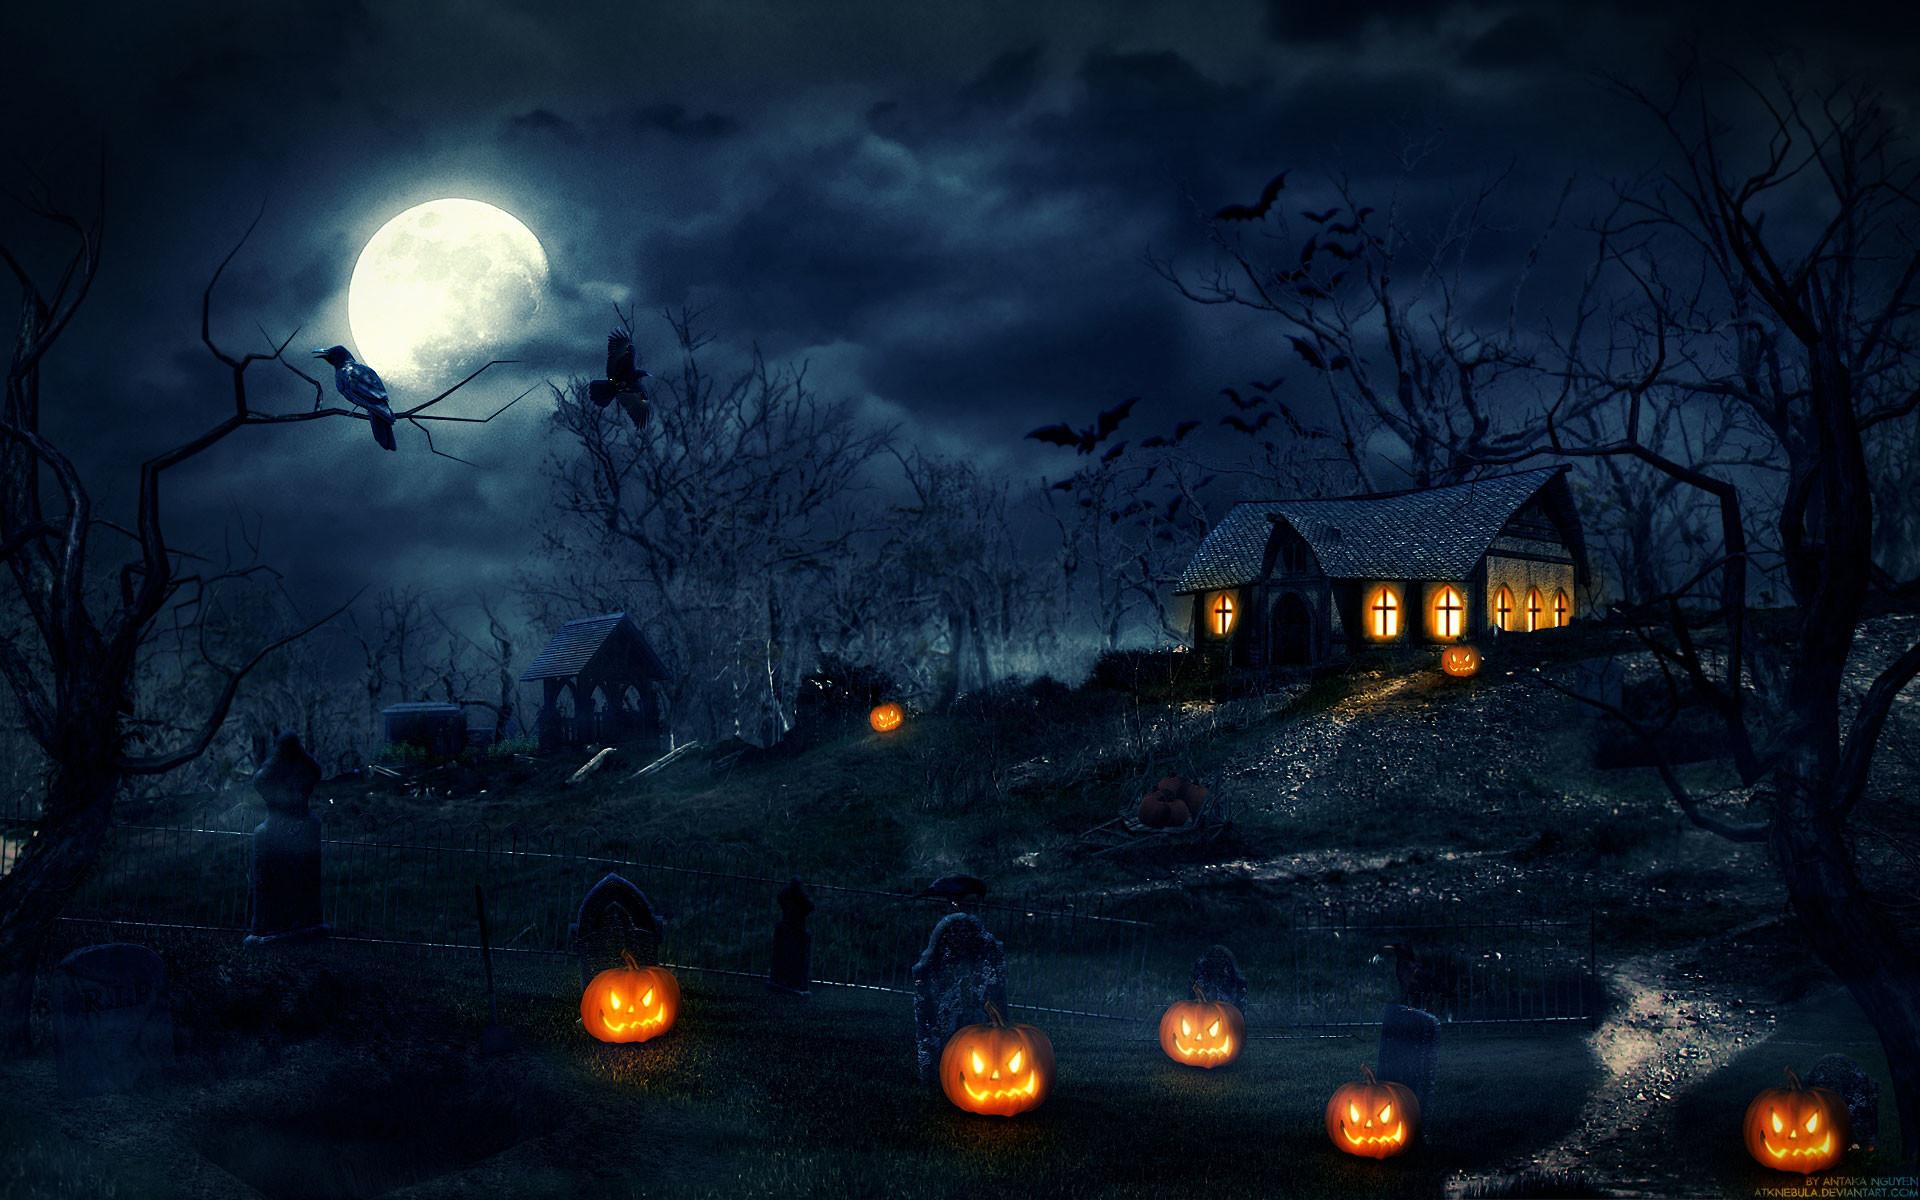 Fall Harvest Desktop Wallpaper Pumpkin Wallpaper Backgrounds 183 ①